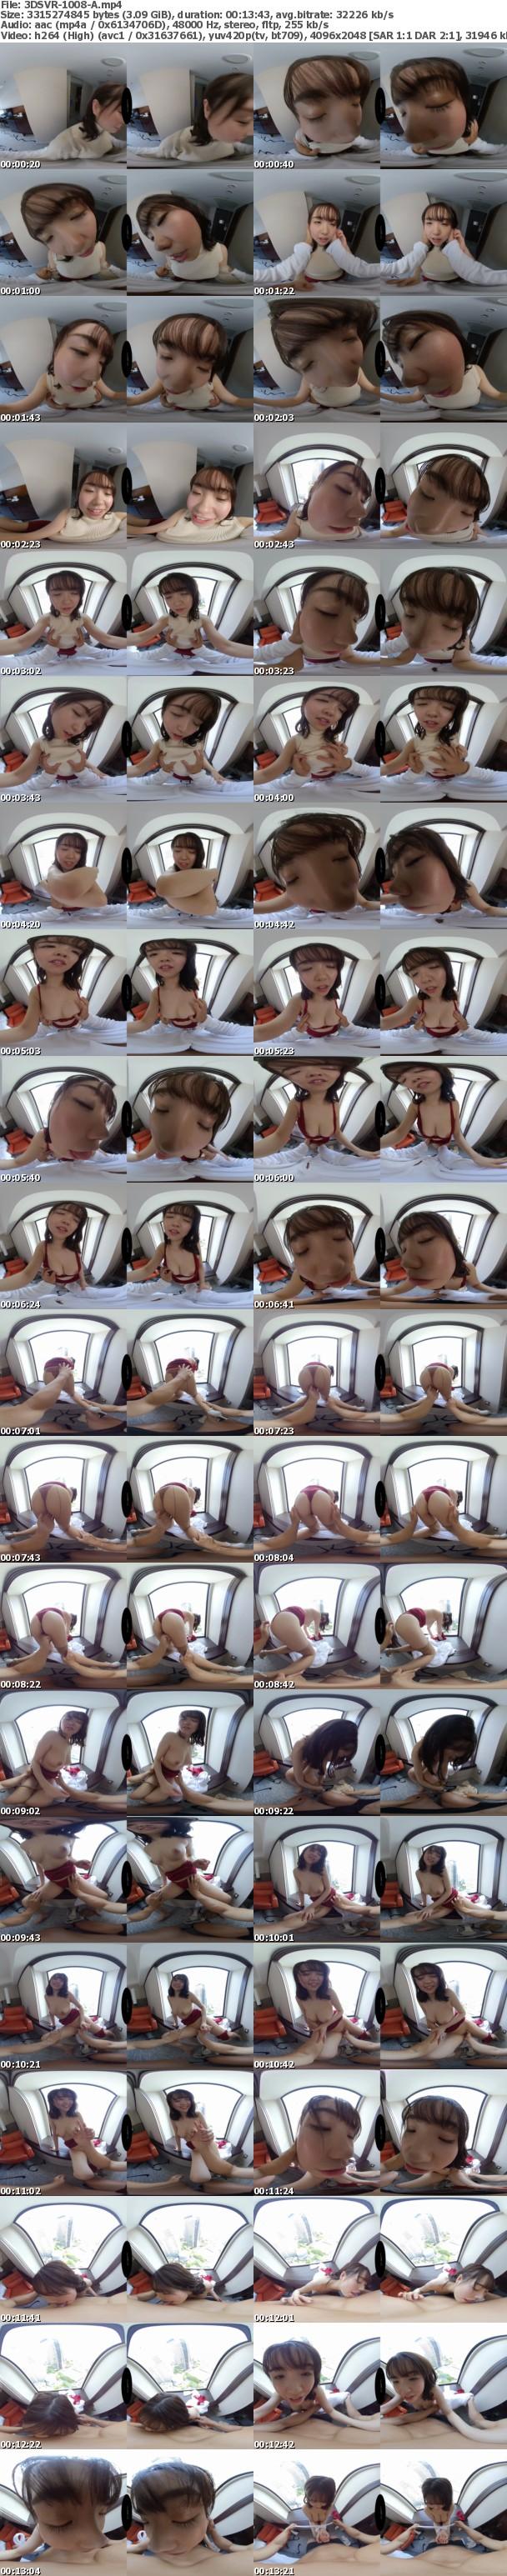 (VR) 3DSVR-1008 【進化型ハメ撮り】ウェアラブルVR 職場の派遣と平日14時密会不倫 ゆうひ33歳